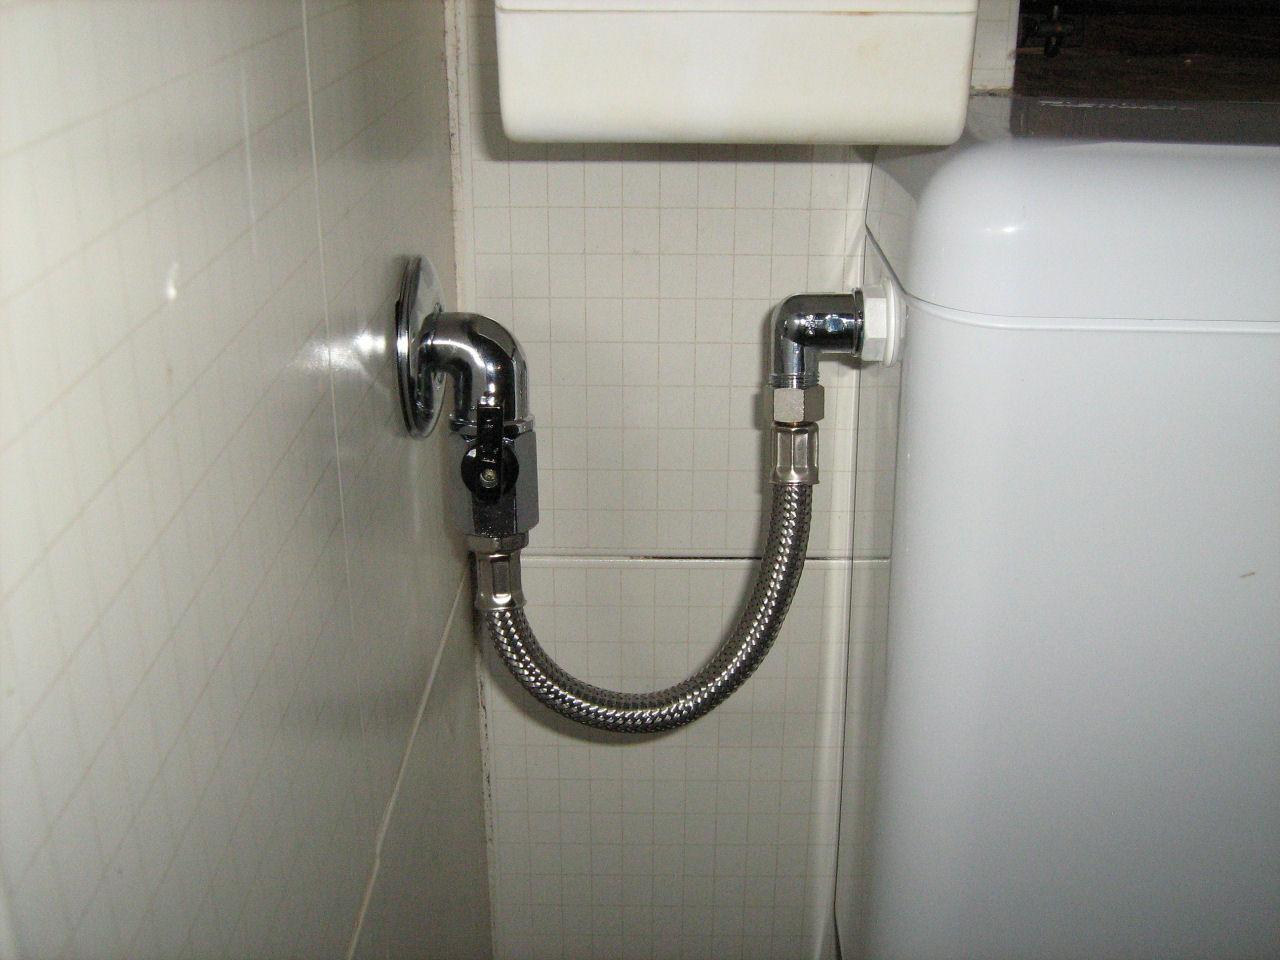 Vasca di scarico del water for Tubo di scarico del riscaldatore dell acqua